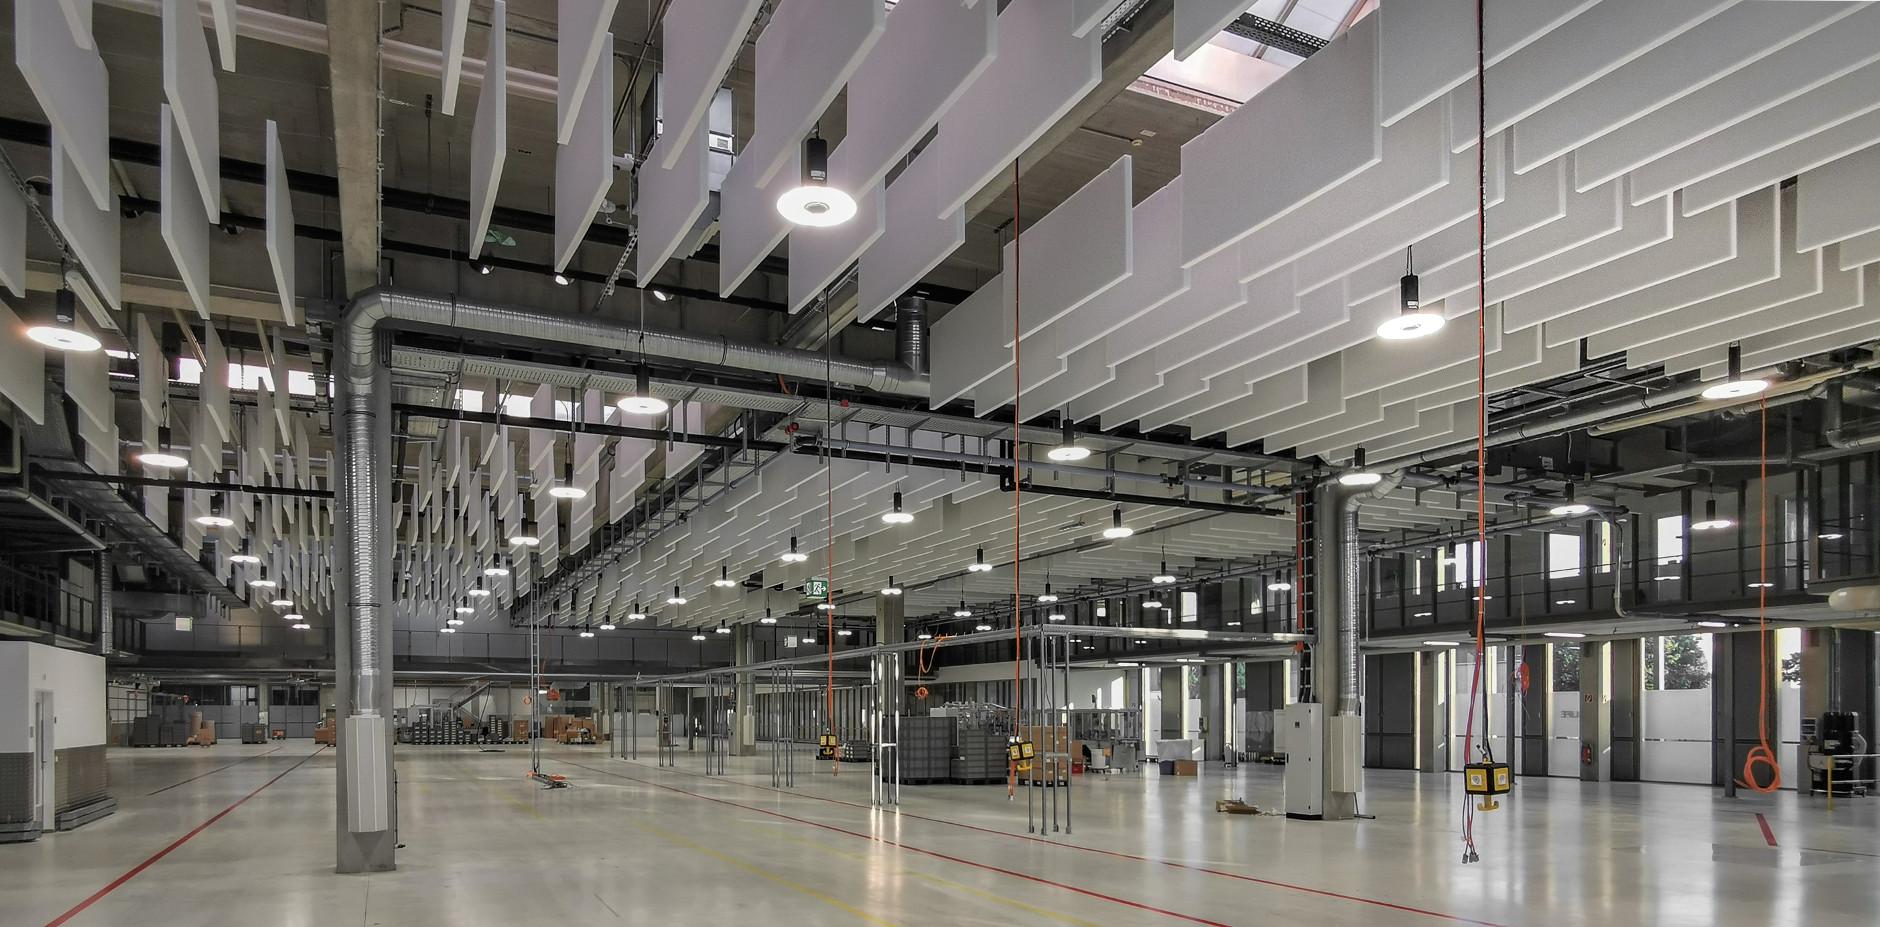 Industriebaffeln als Akustikdecke in einer Halle